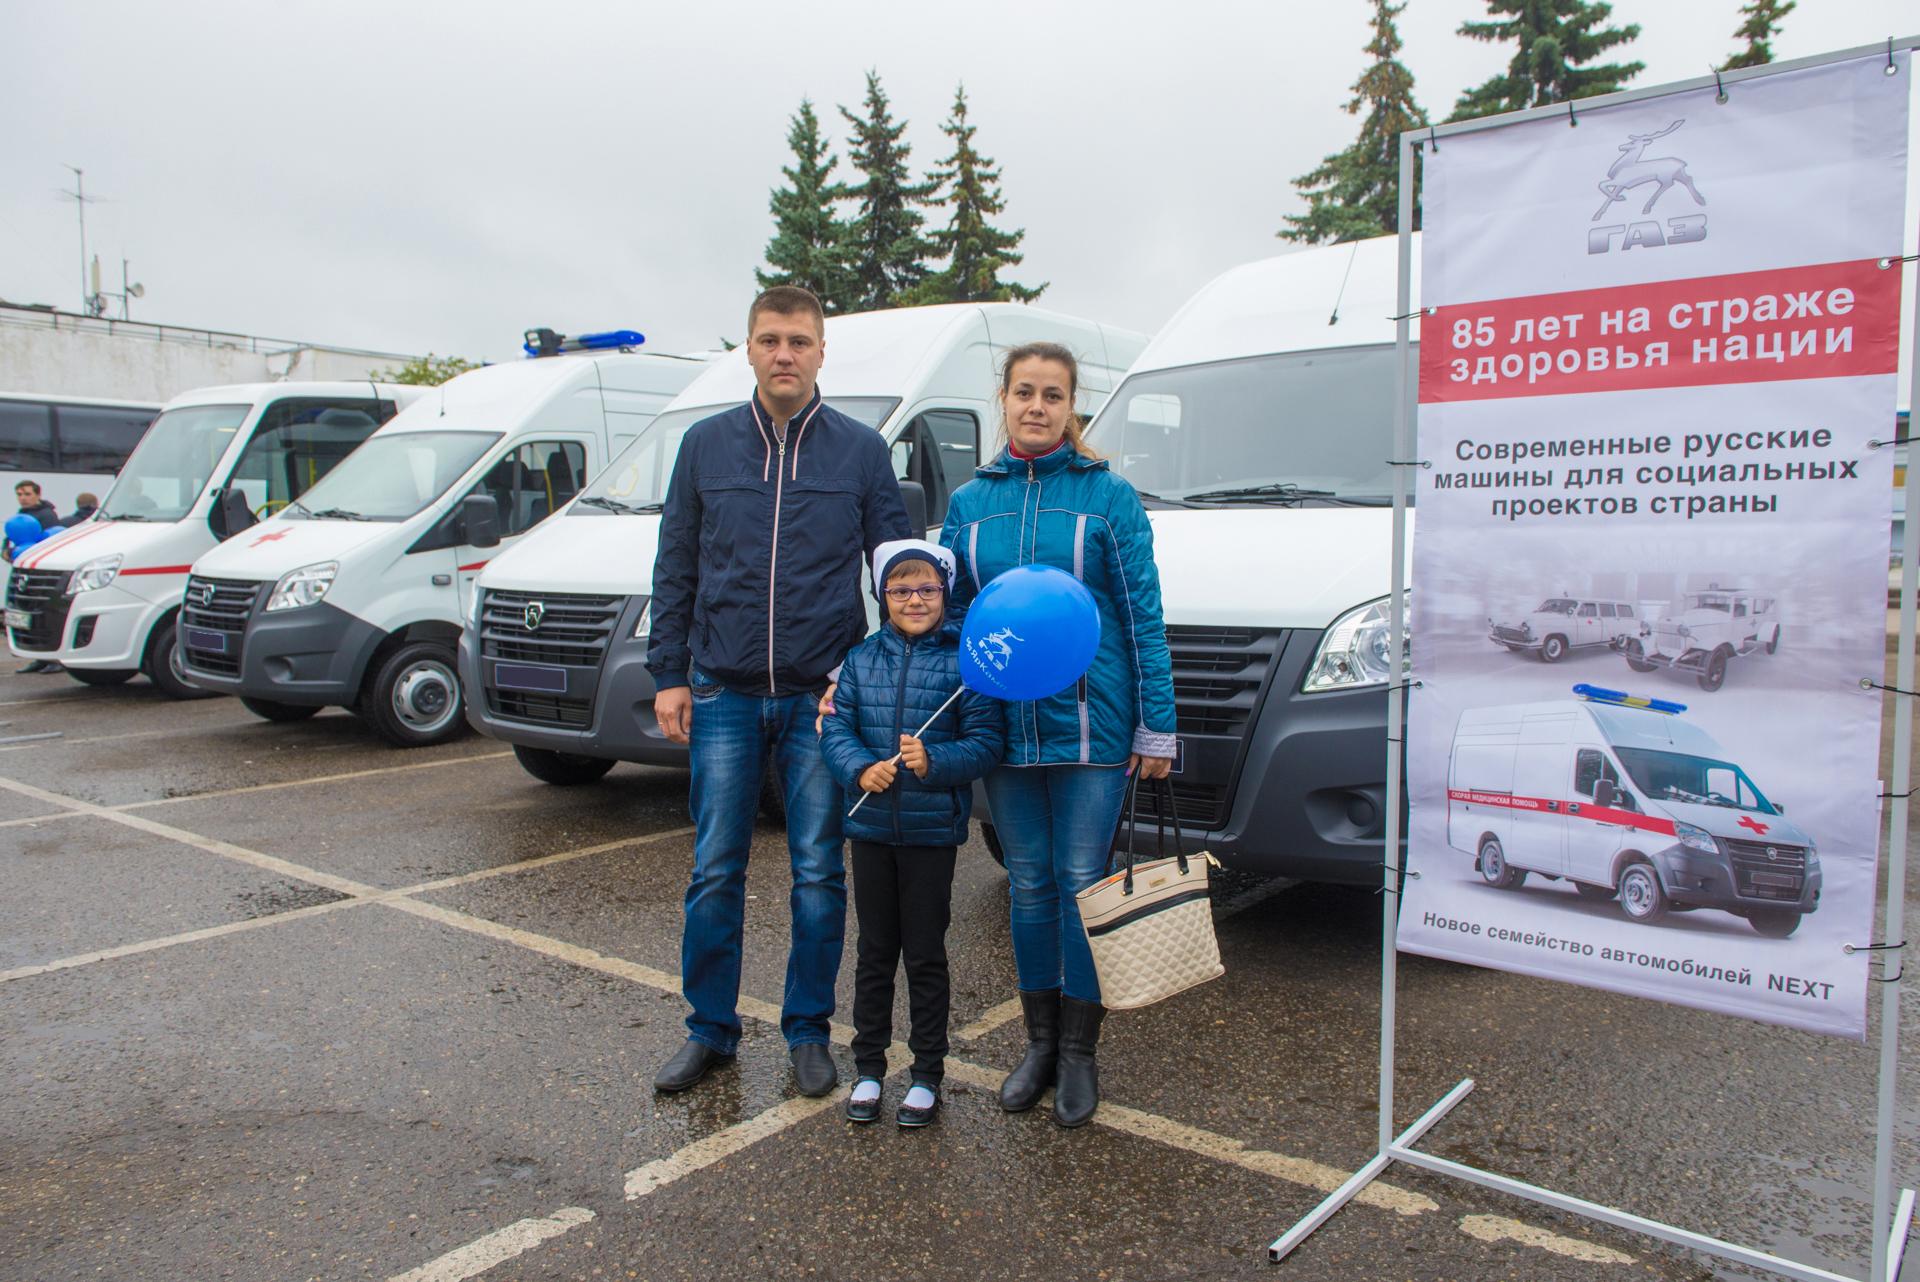 Медицинские автомобили ГАЗ во Всероссийской акции «Волна здоровья»